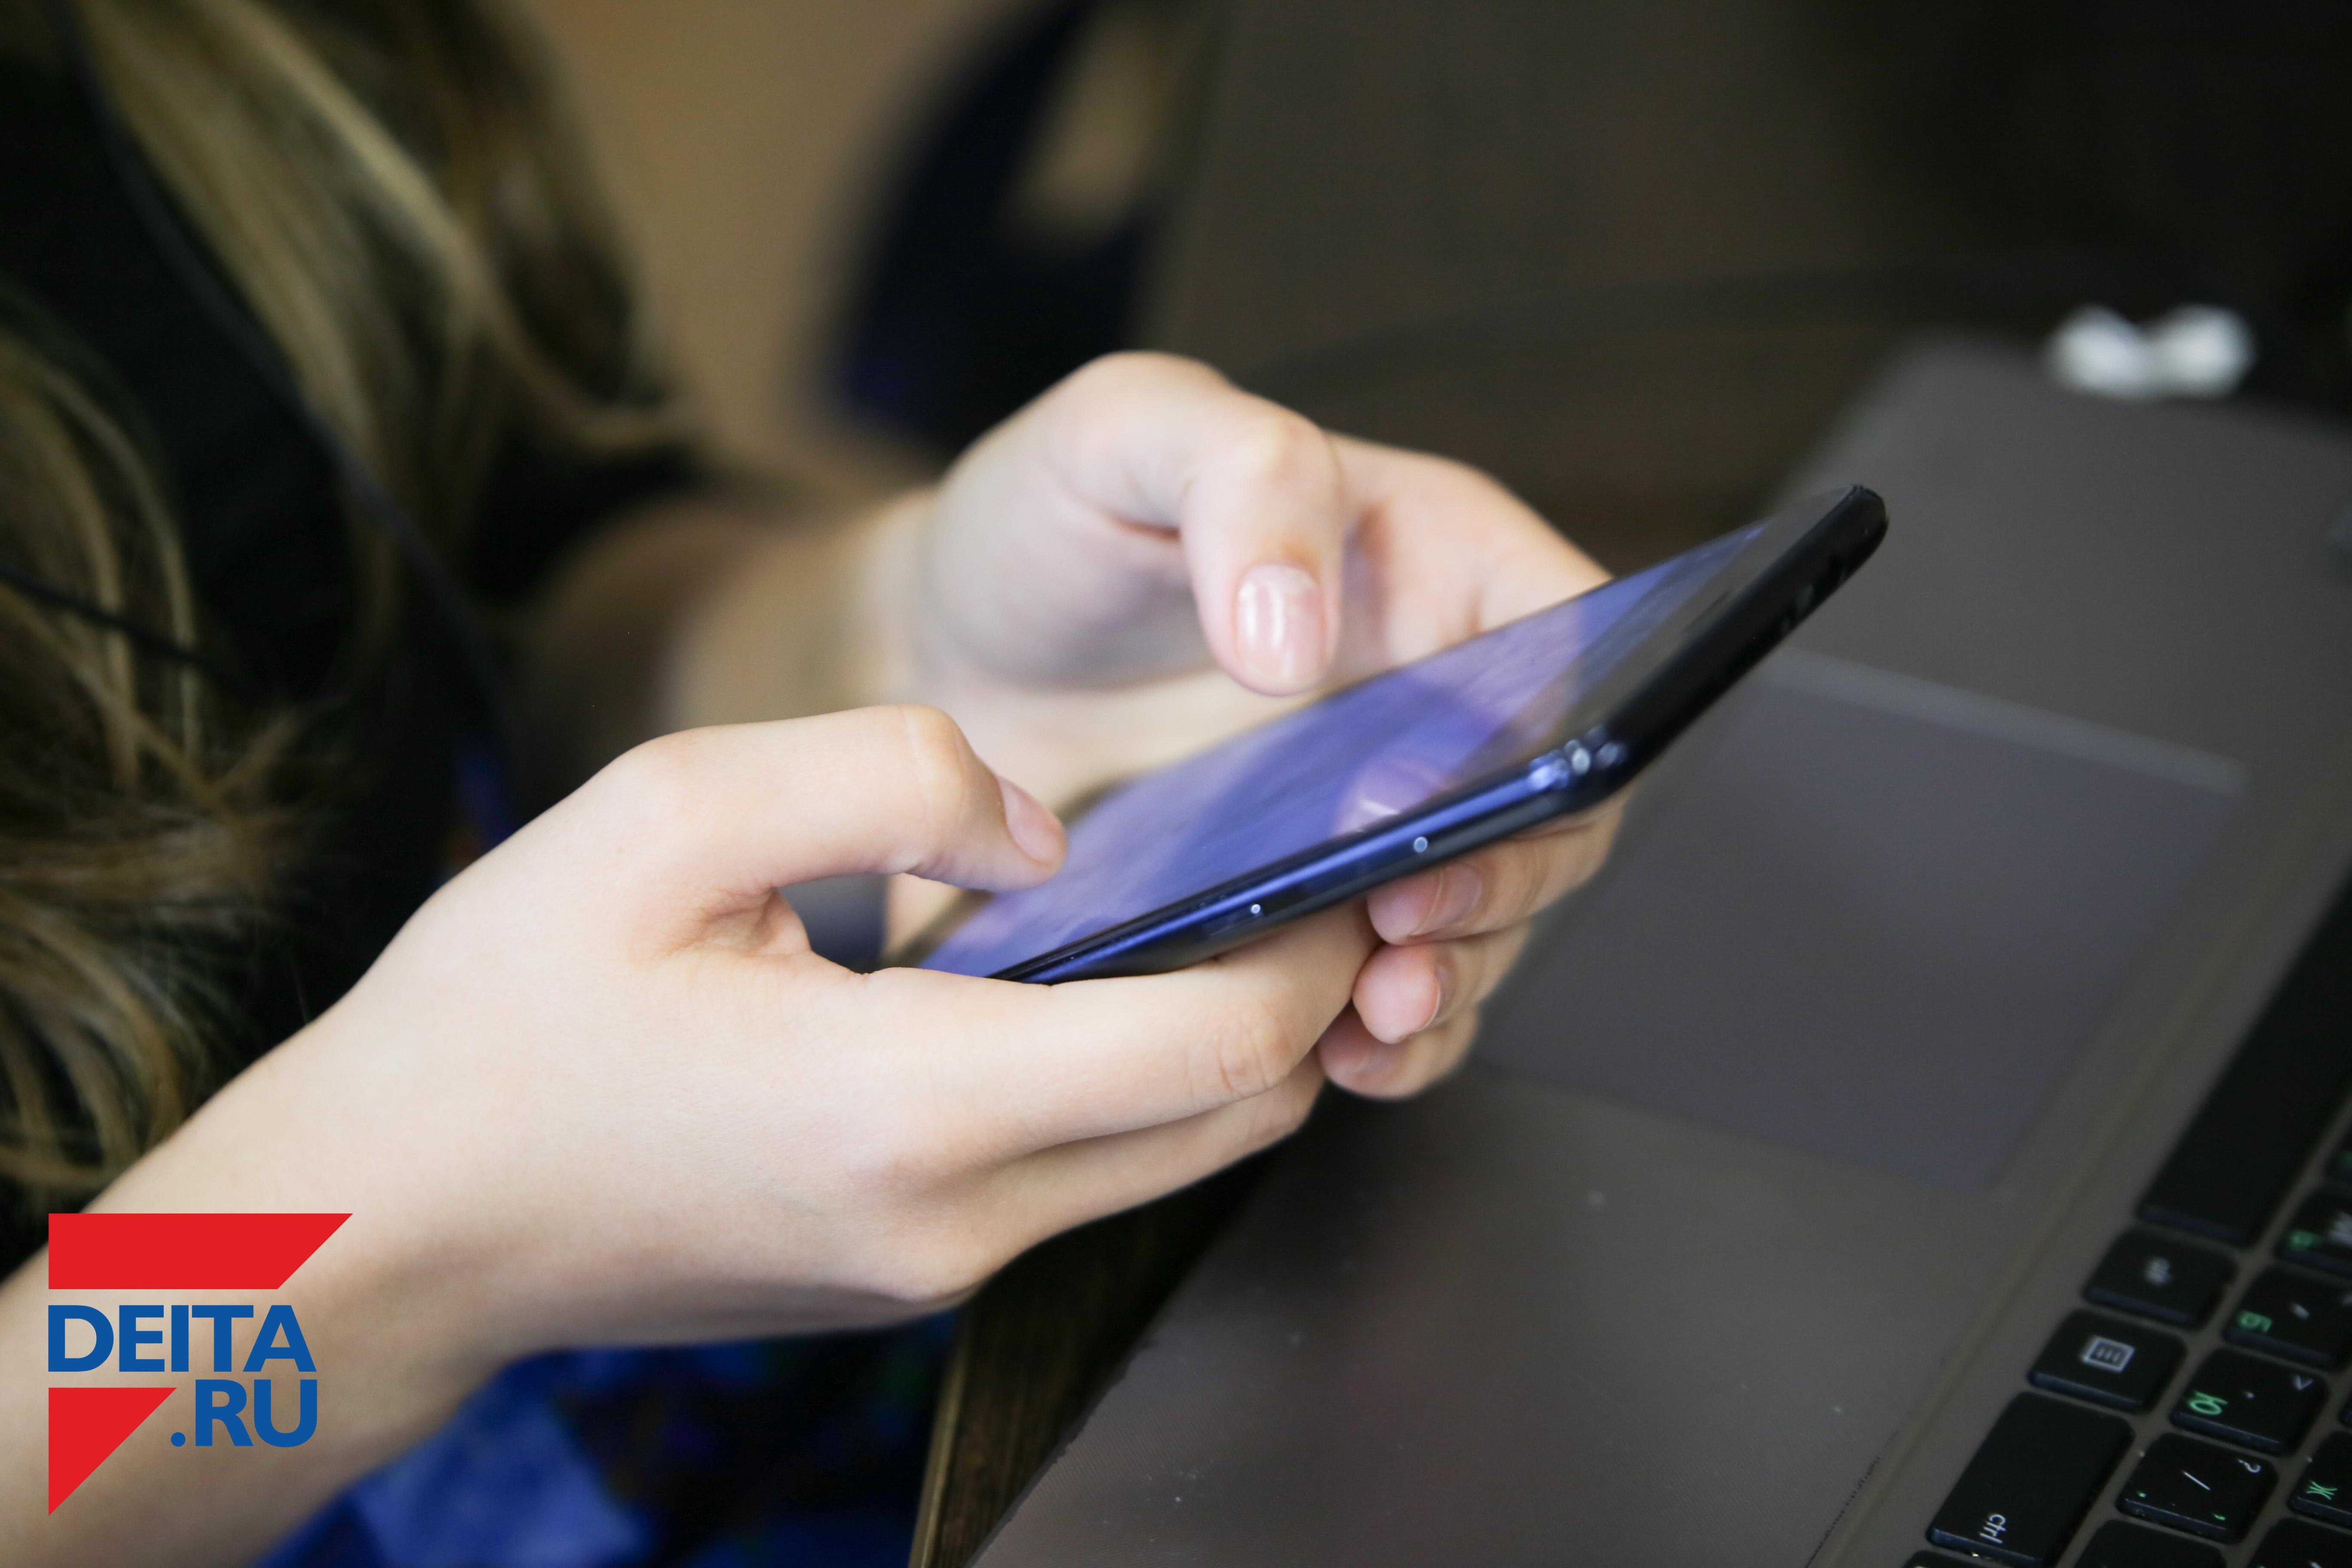 Из-за приложения в телефоне женщина лишилась крупной суммы